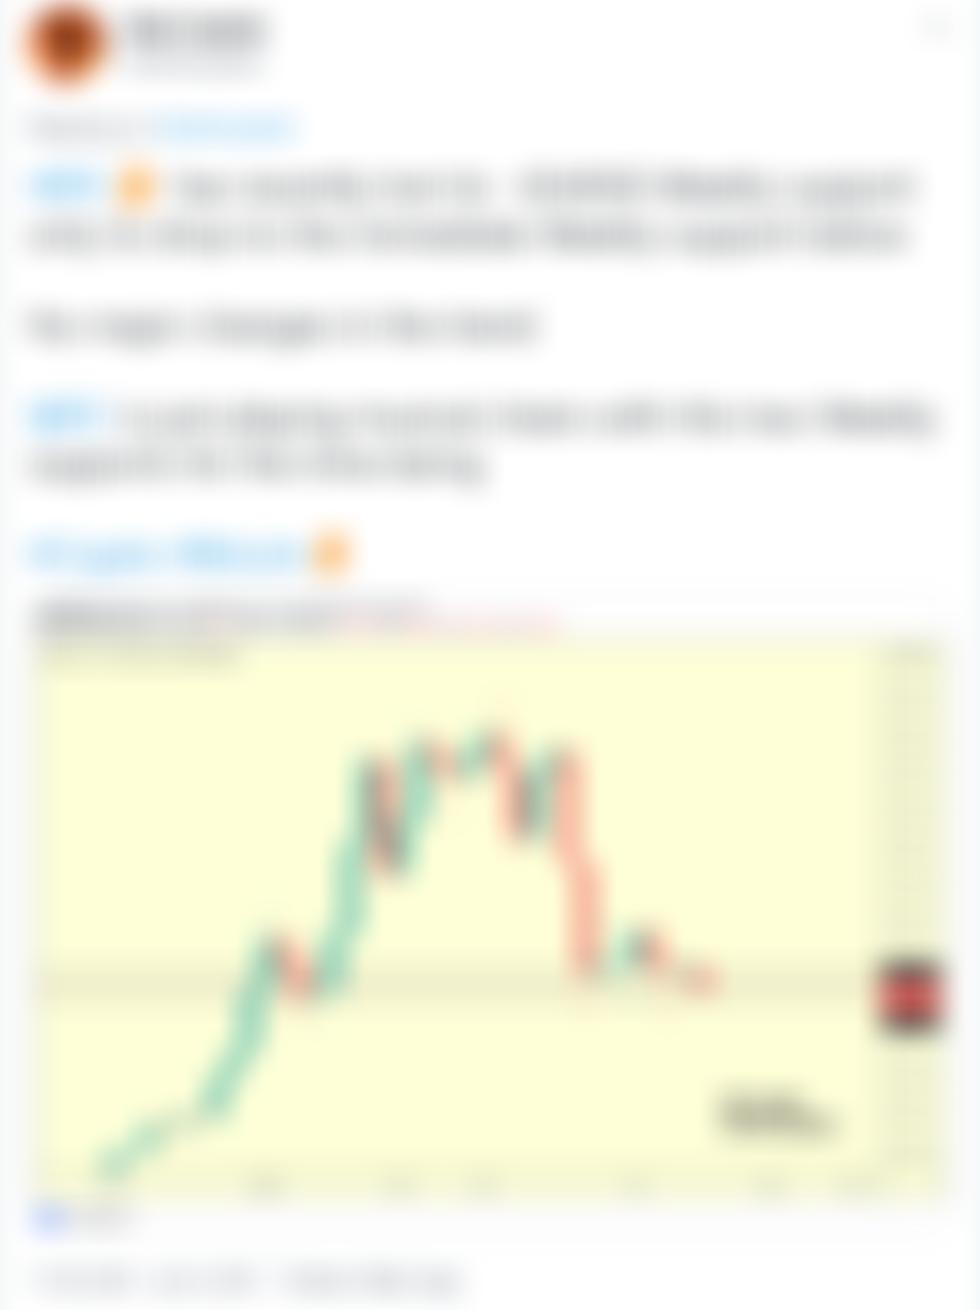 """Elemzők szerint a Bitcoin hullámzó árfolyama """"jellemző az alacsony likviditású piacokra"""""""